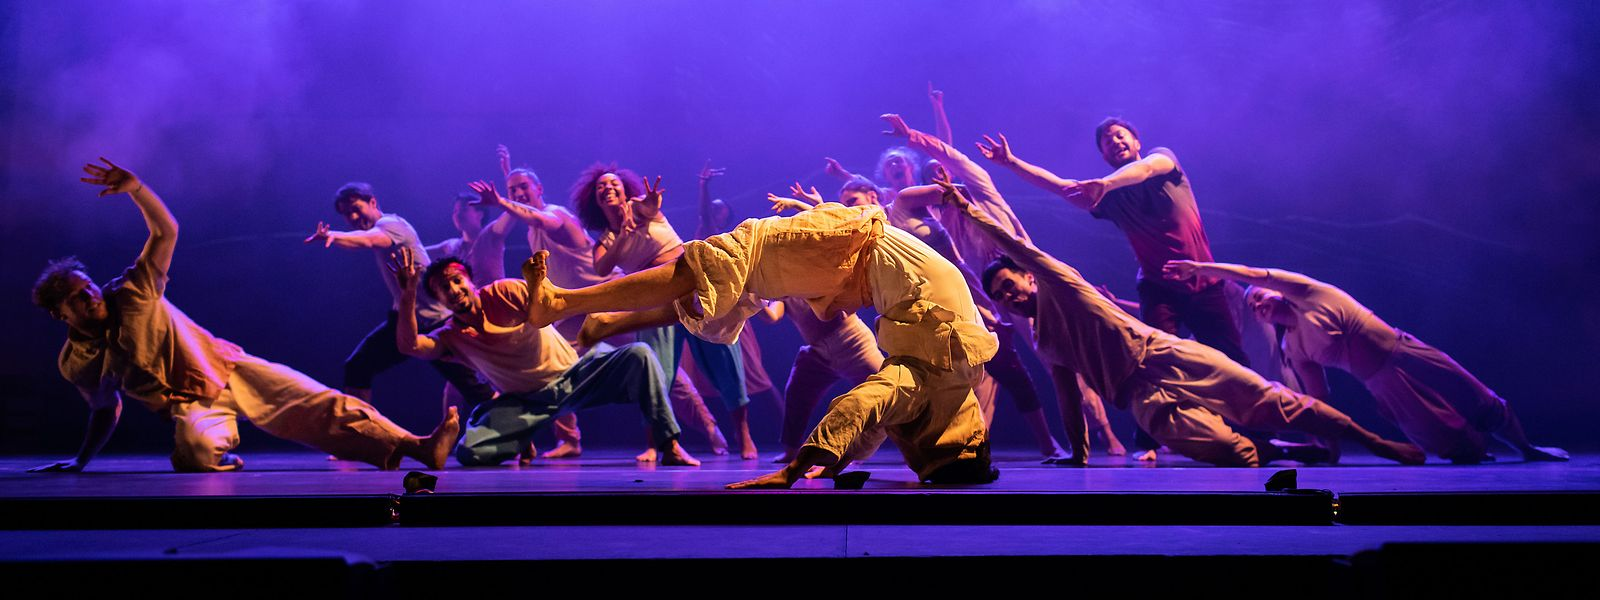 Une bonne nouvelle malgré tout: le spectacle «Message In A Bottle», prévu au Grand Théâtre les 26, 27 et 28 mars, n'est pas annulé mais reporté à une date ultérieure.